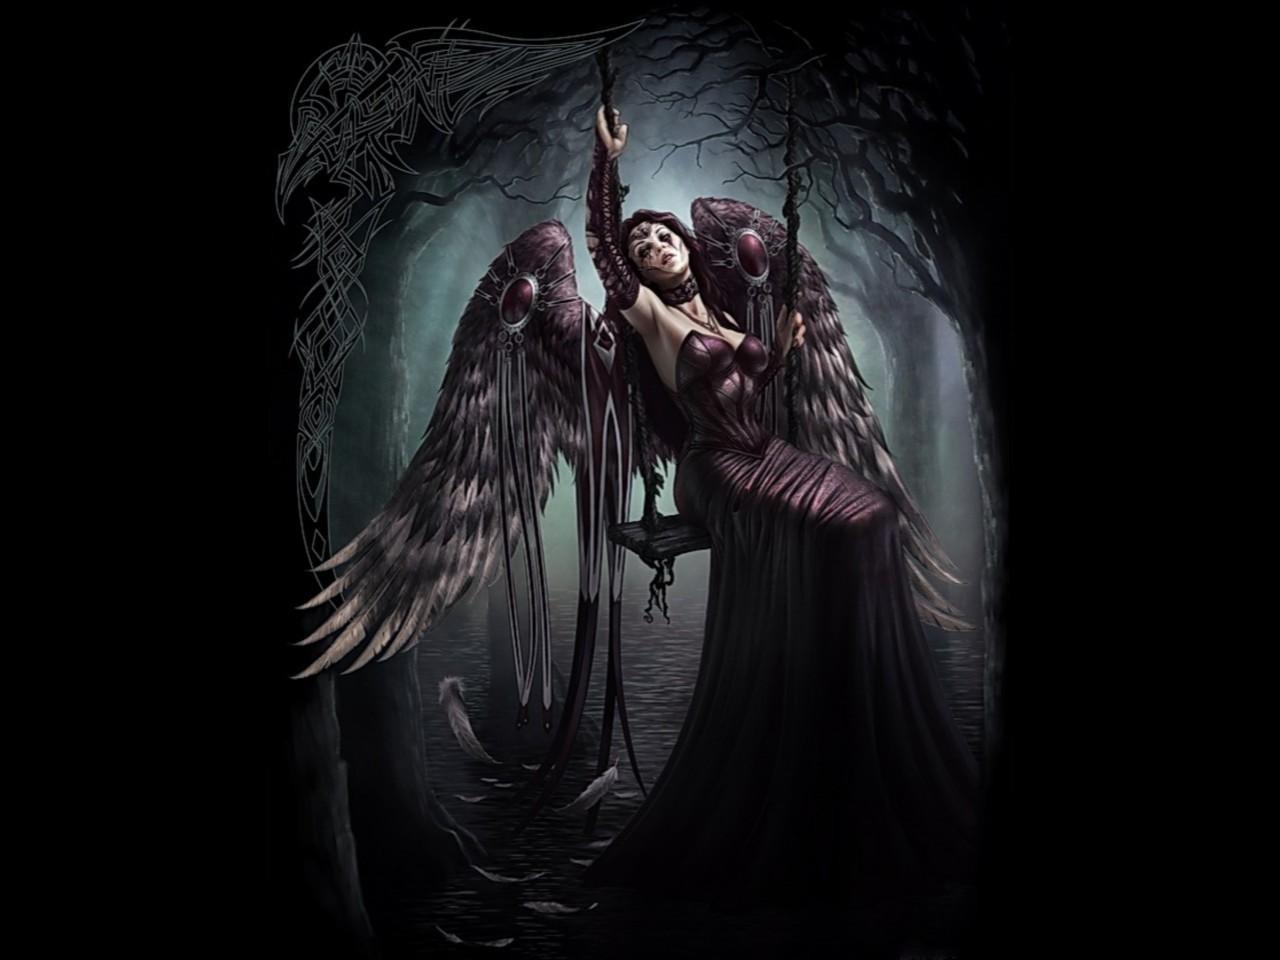 Dark Angel Dark Angel Wallpapers Images Pictures Download